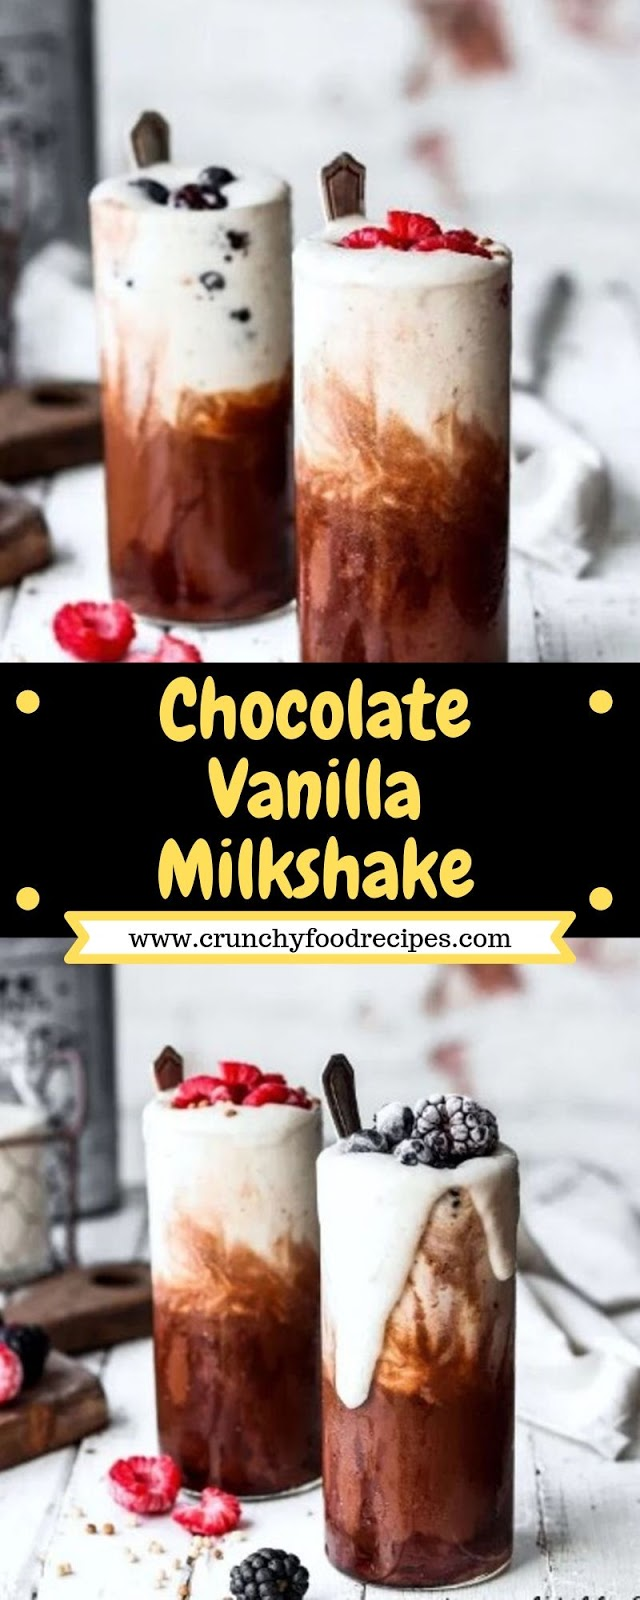 Chocolate Vanilla Milkshake